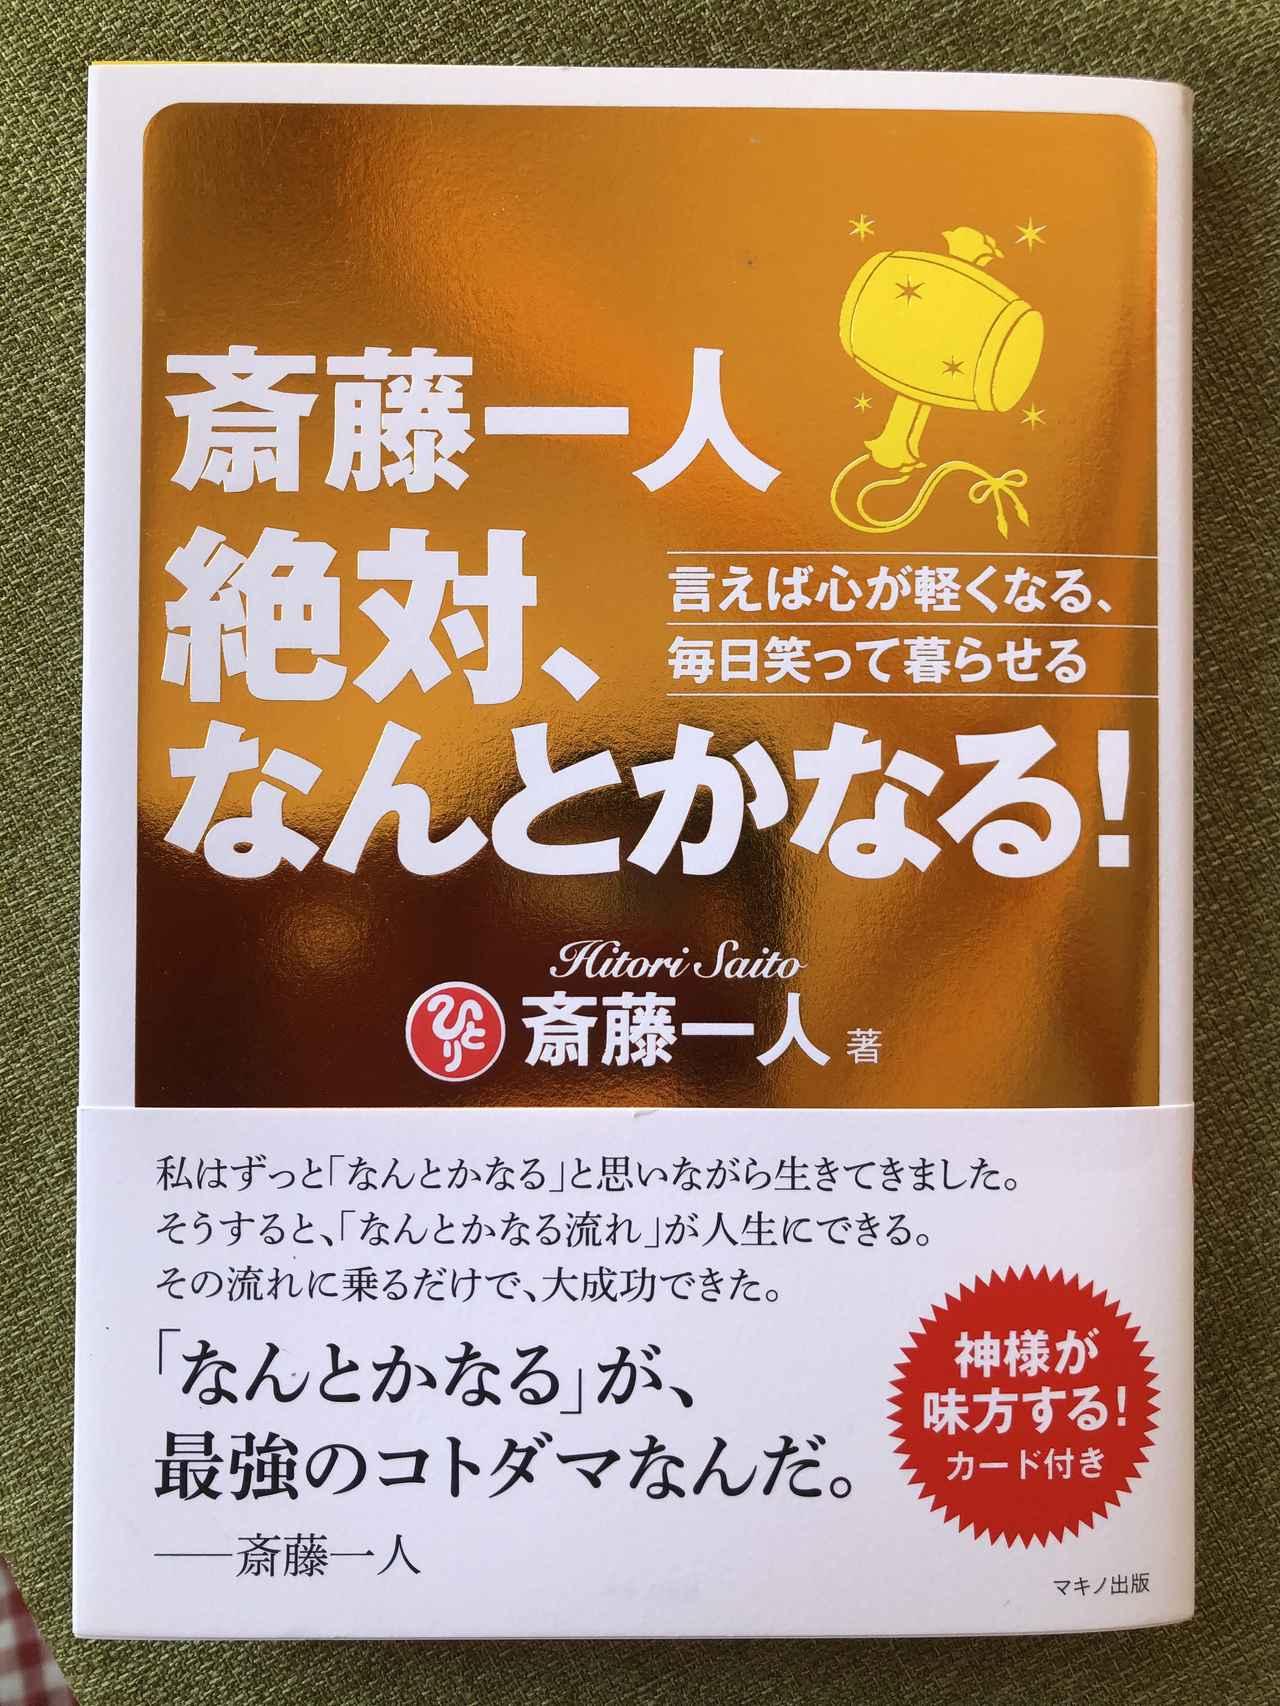 画像: 斎藤一人「絶対、なんとかなる!」(マキノ出版)